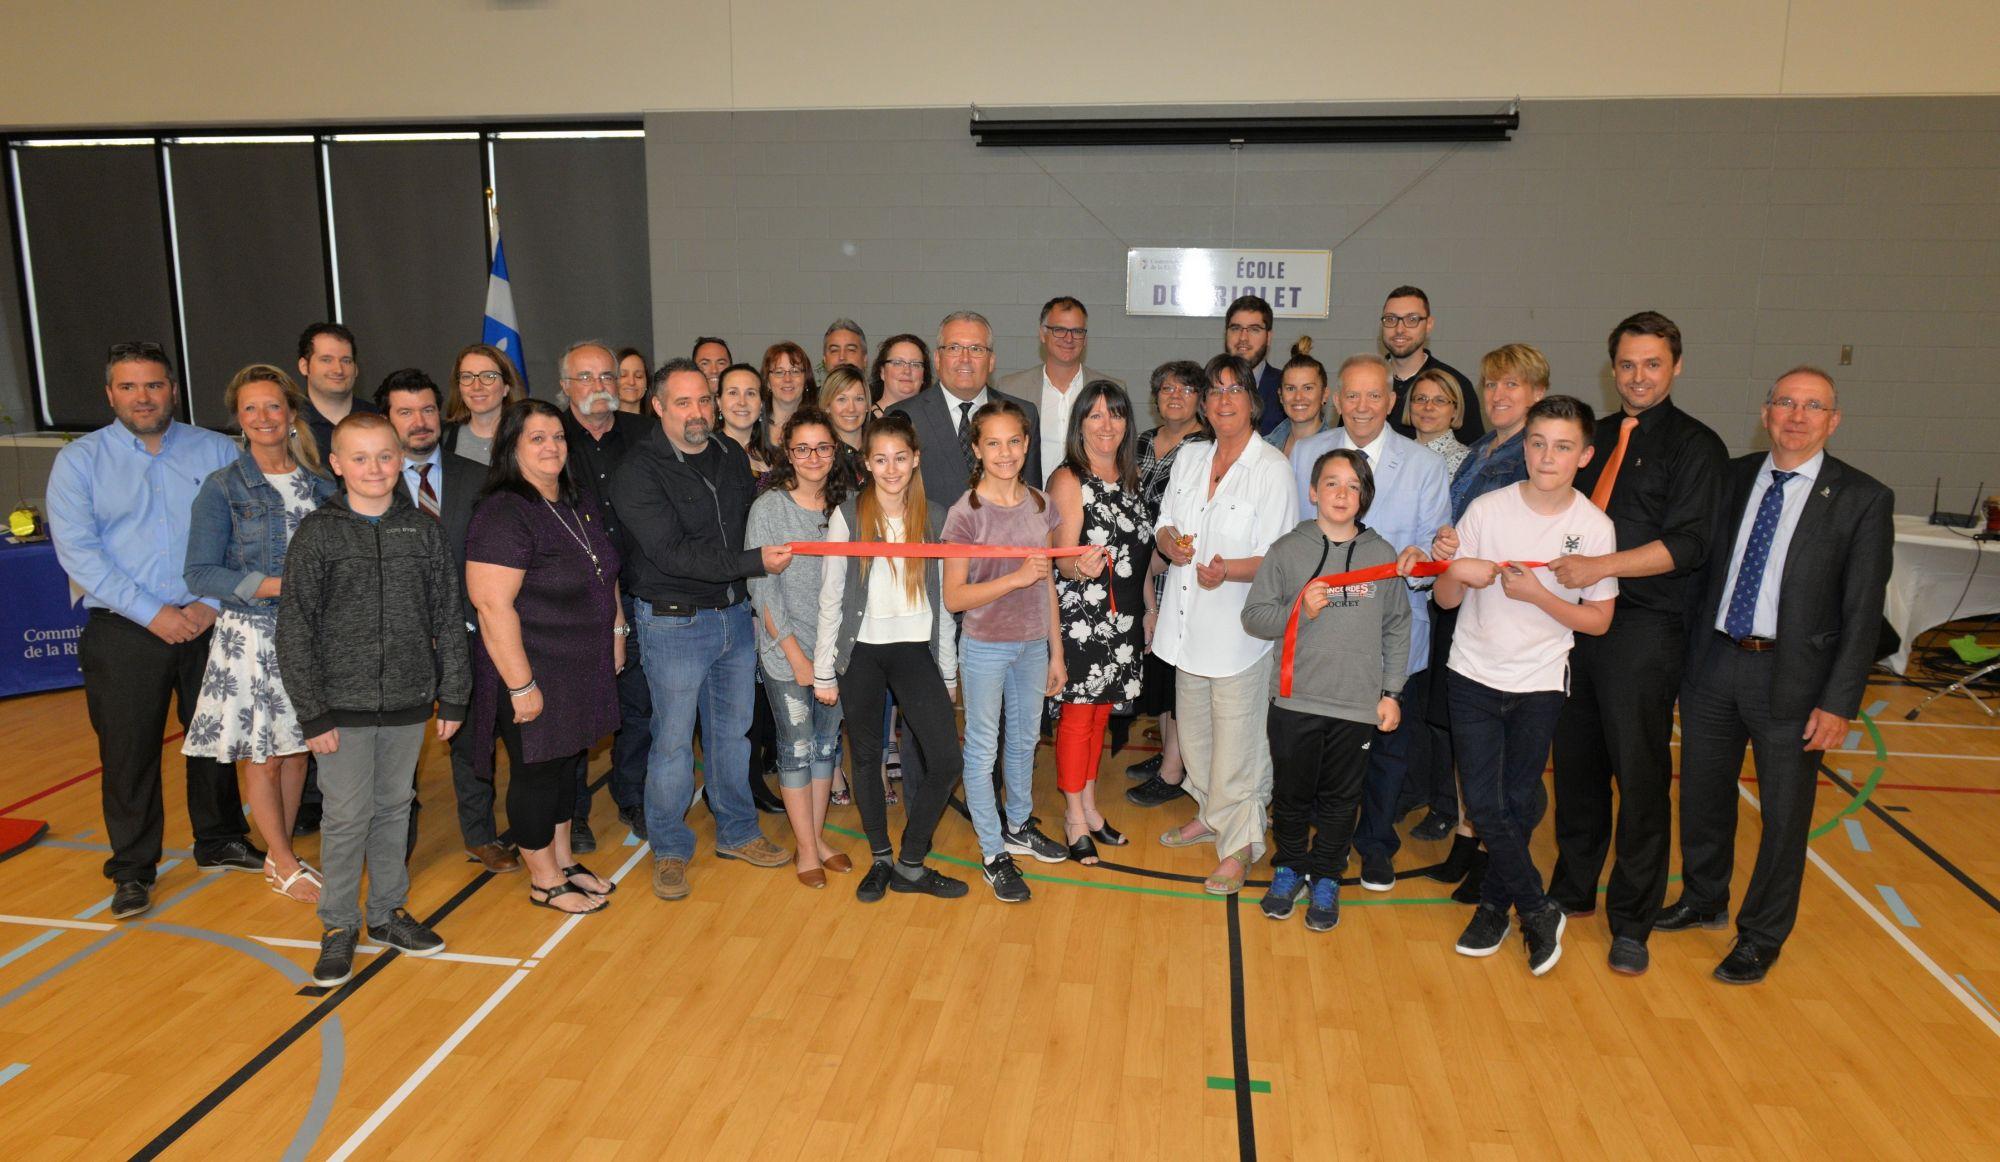 La nouvelle école primaire du Triolet inaugurée àSaint-Colomban